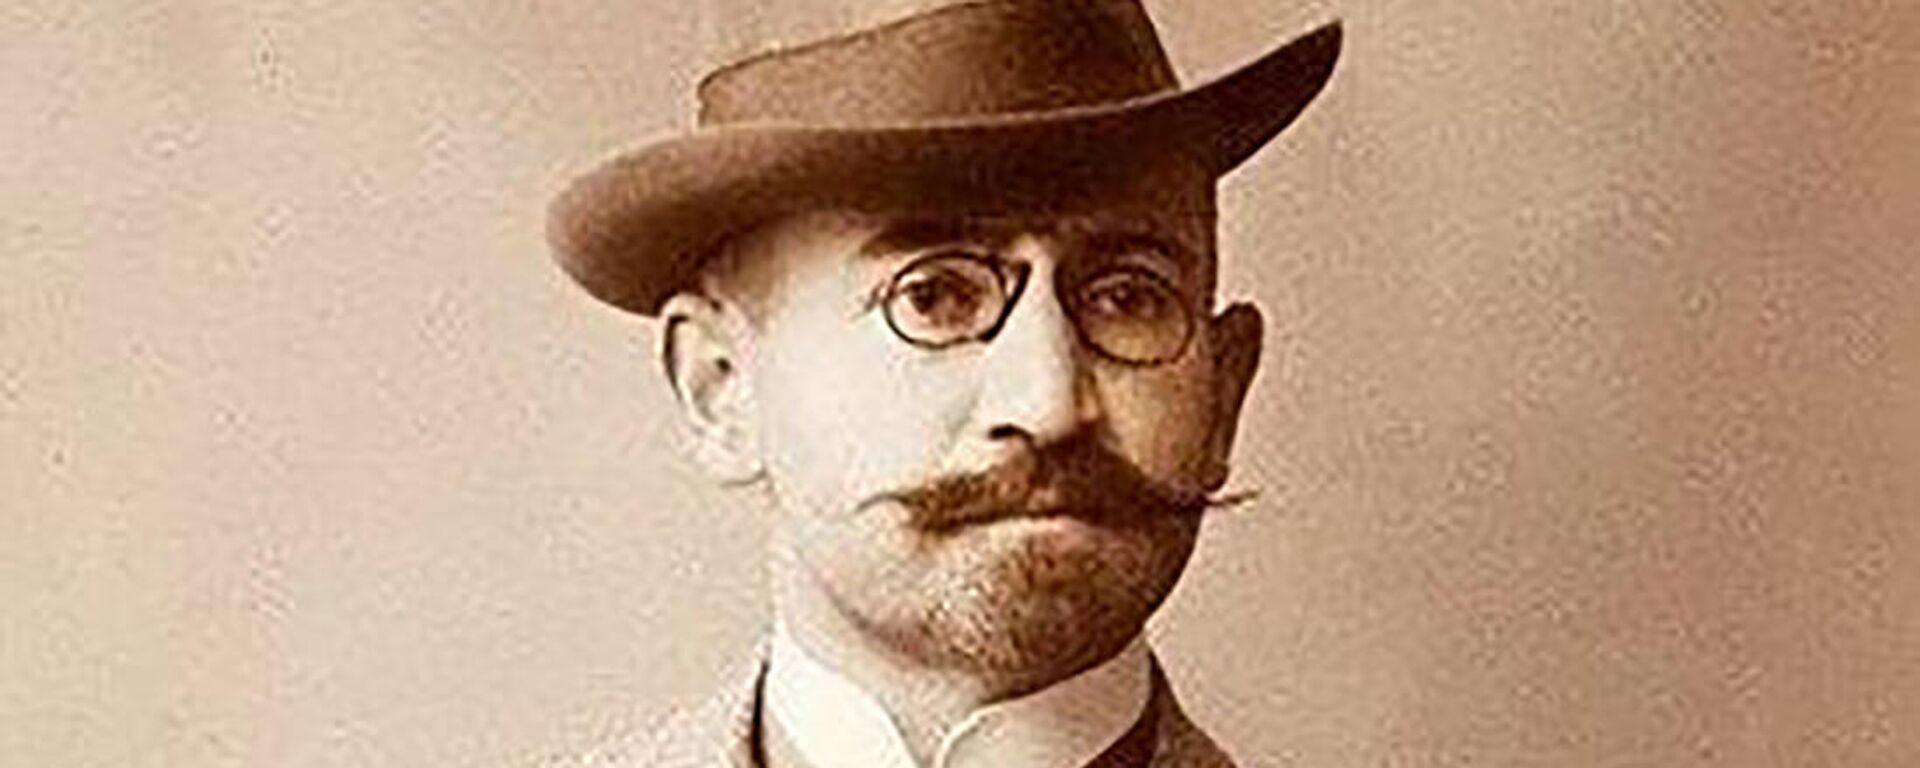 Александр Спендиарян - Sputnik Армения, 1920, 13.10.2021